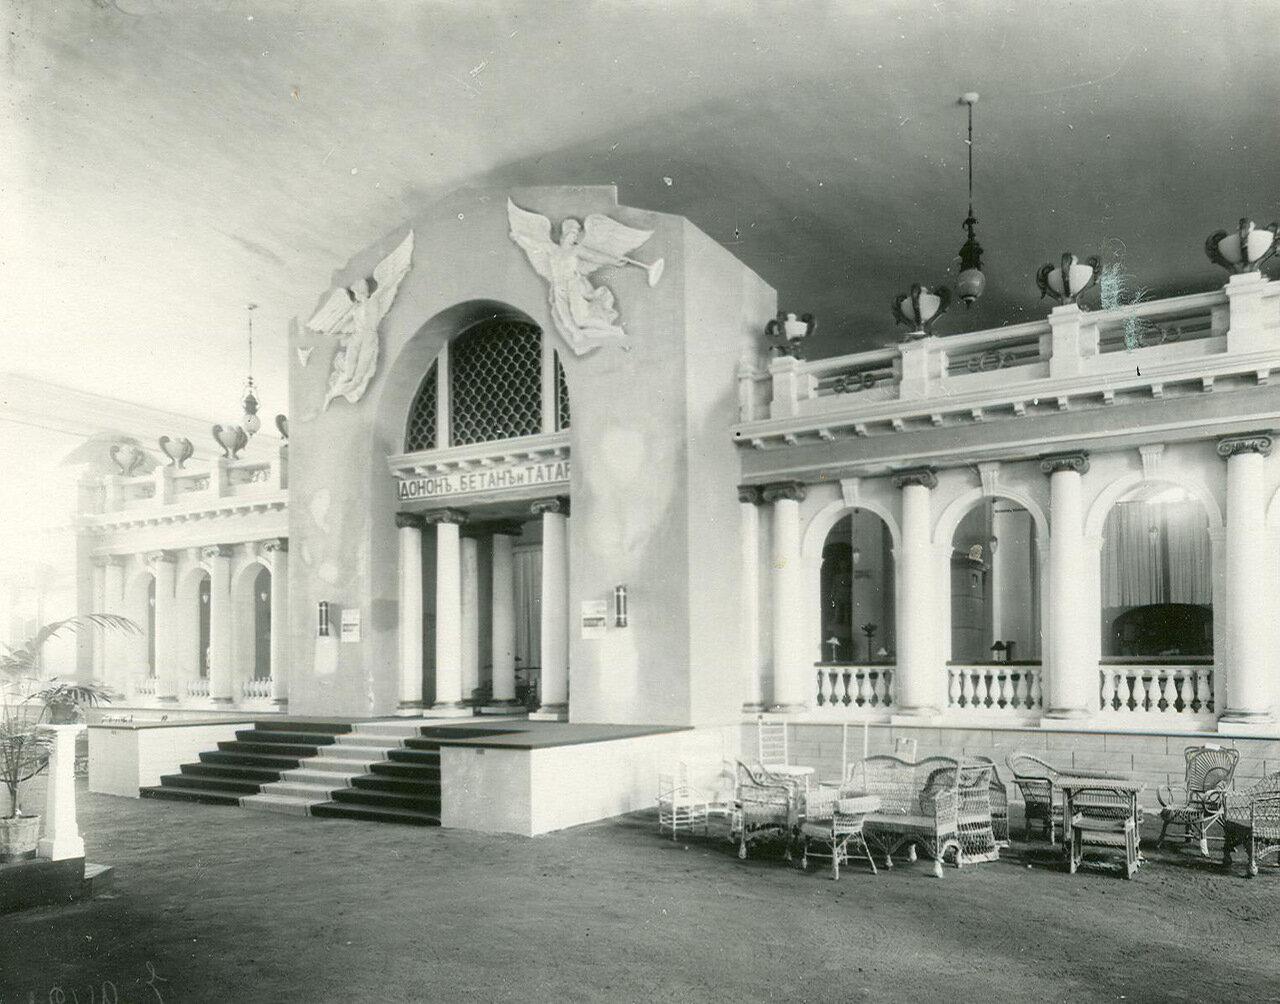 Часть зала ресторана «Донон, Бетан и Татары» (набережная реки Мойки, 24)